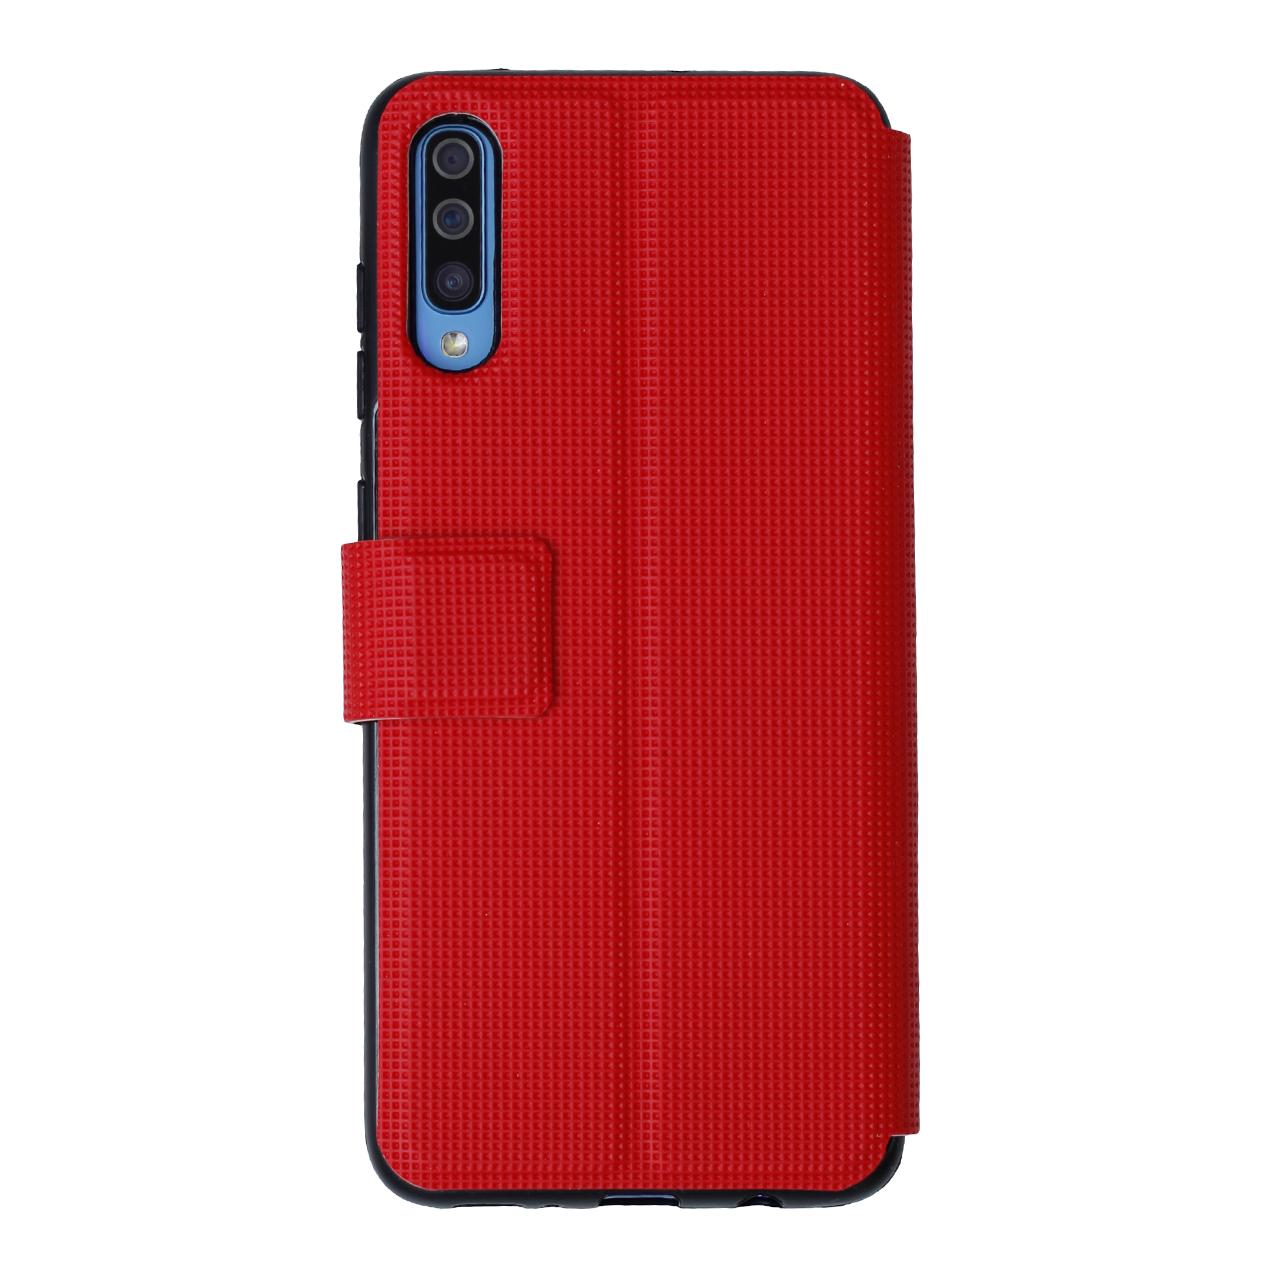 کیف کلاسوری مدل z18+ مناسب برای گوشی موبایل سامسونگ Galaxy A70/A70s